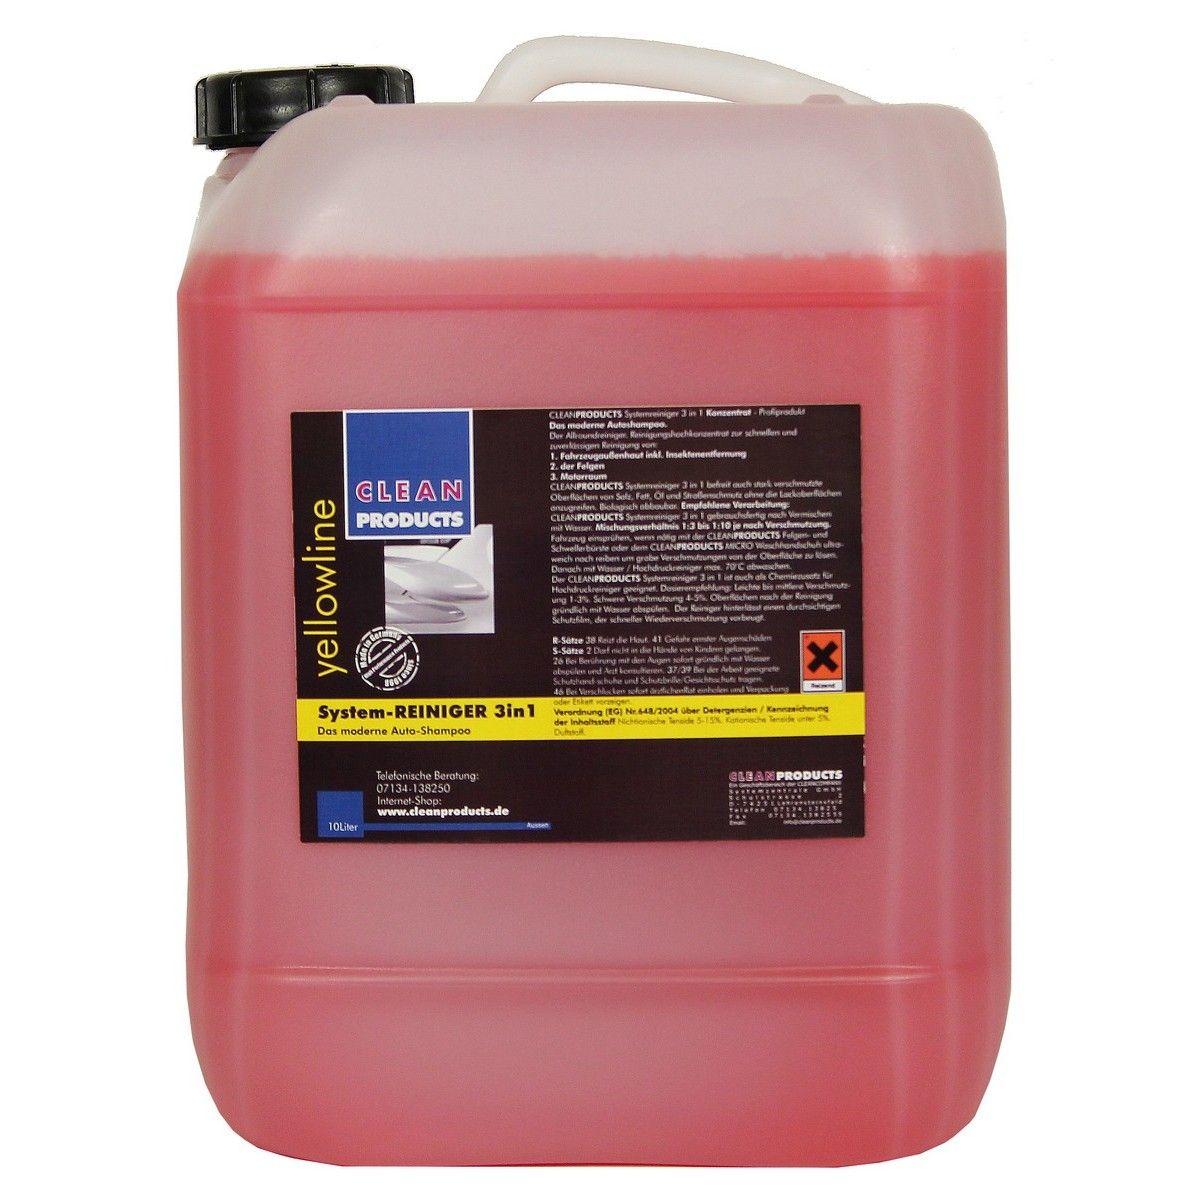 Fahrzeug Außen Reiniger 3 In 1 Konzentrat 10 Liter Fahrzeugaufbereitung Fahrzeugpflege Fahrzeuge